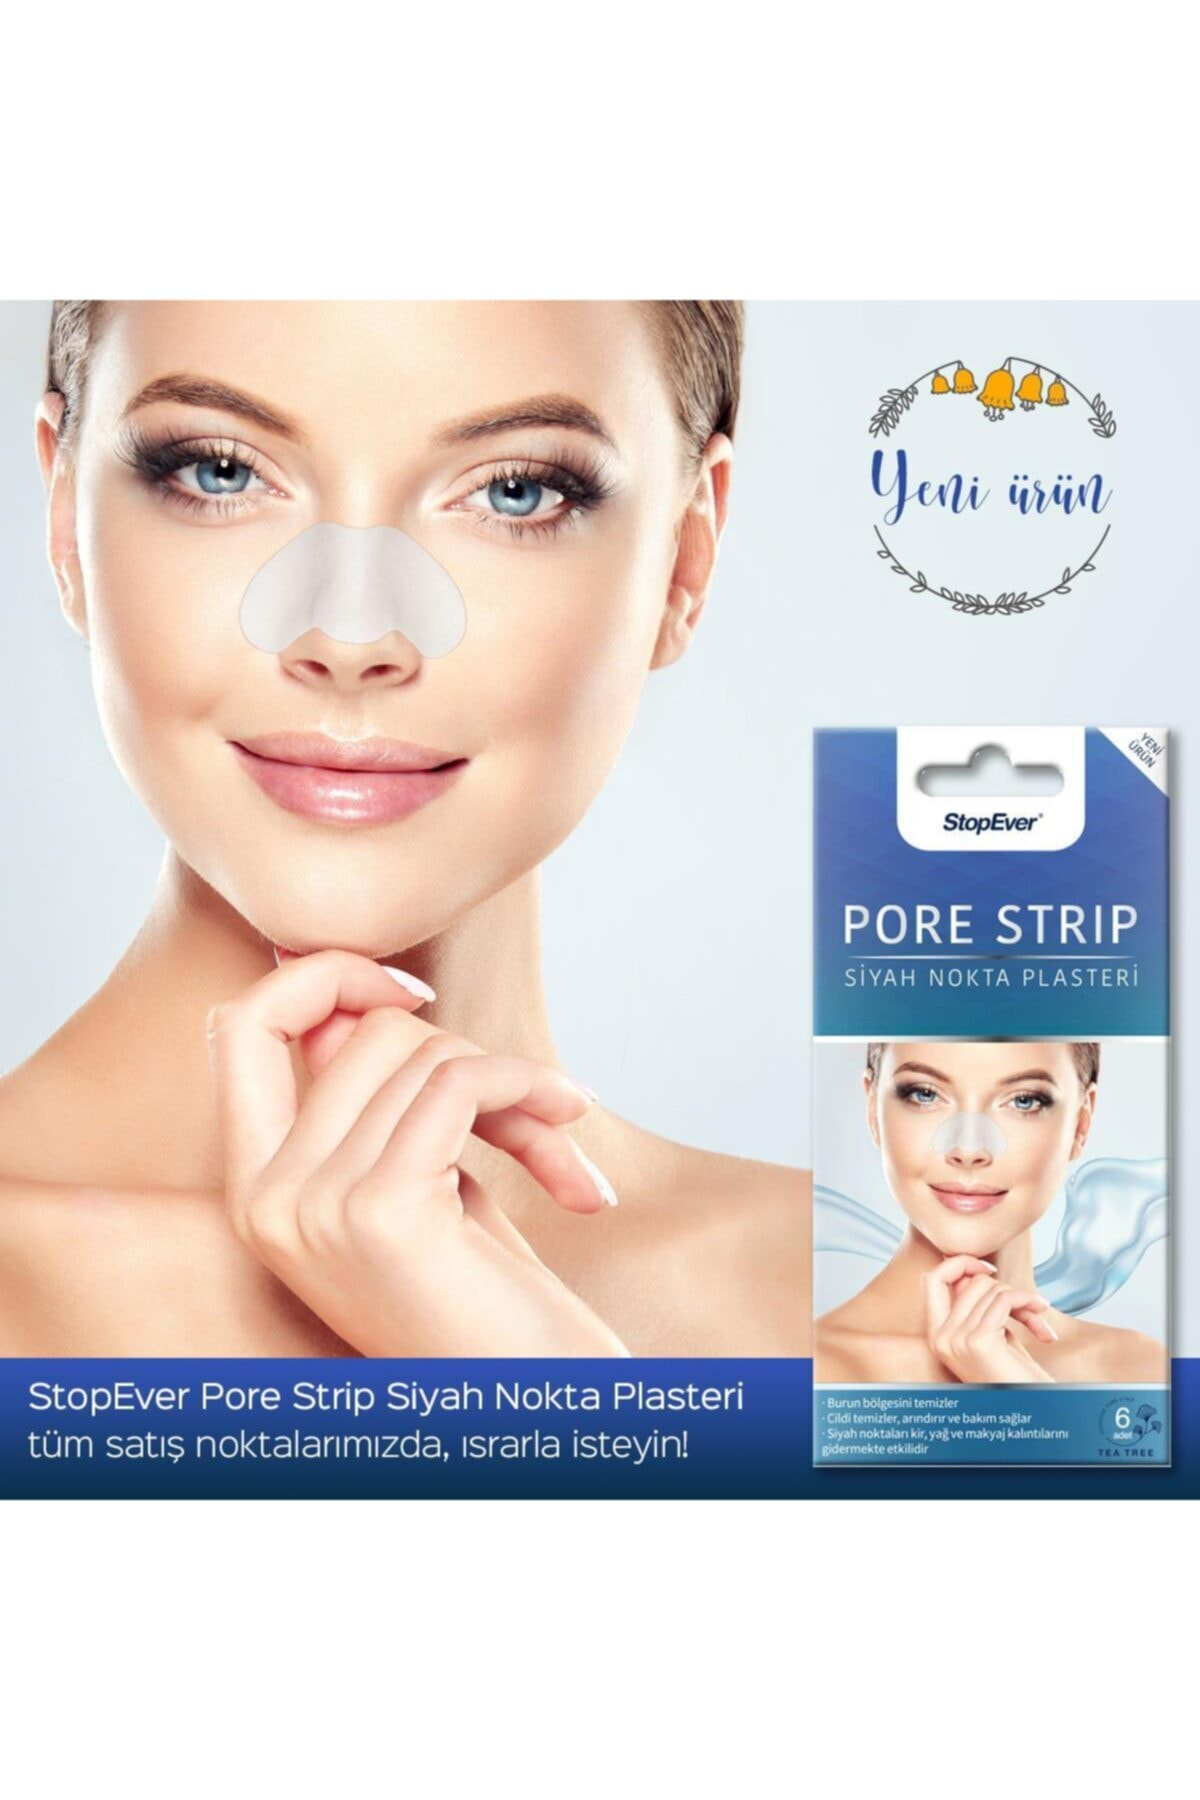 StopEver Siyah Nokta Bandı Pore Strip 2